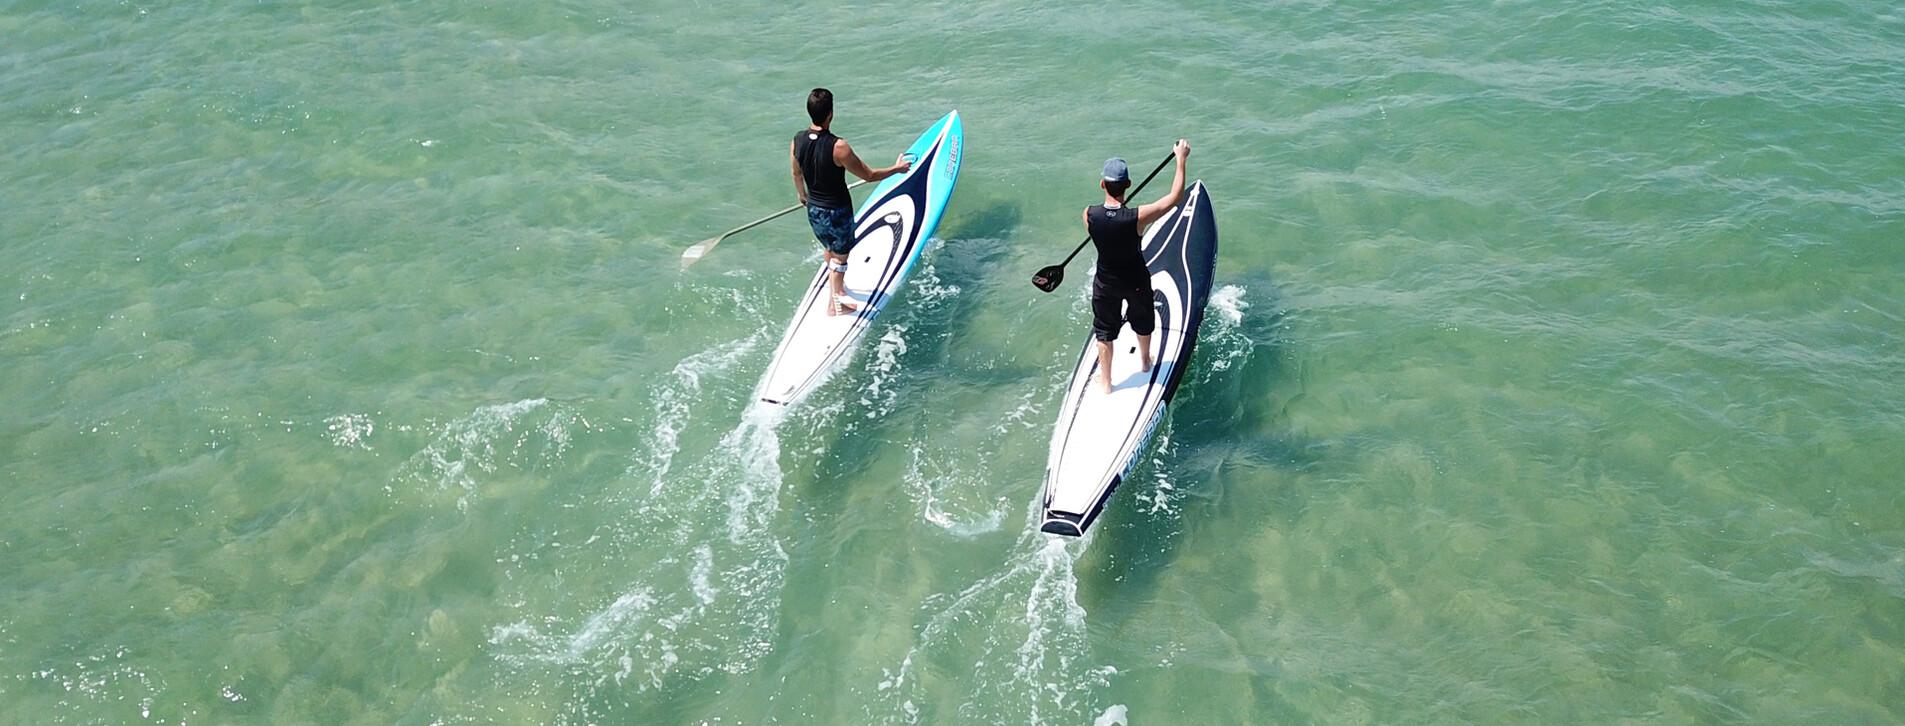 Fotoğraf 1 - İki Kişi için Stand Up Paddle Kiralama